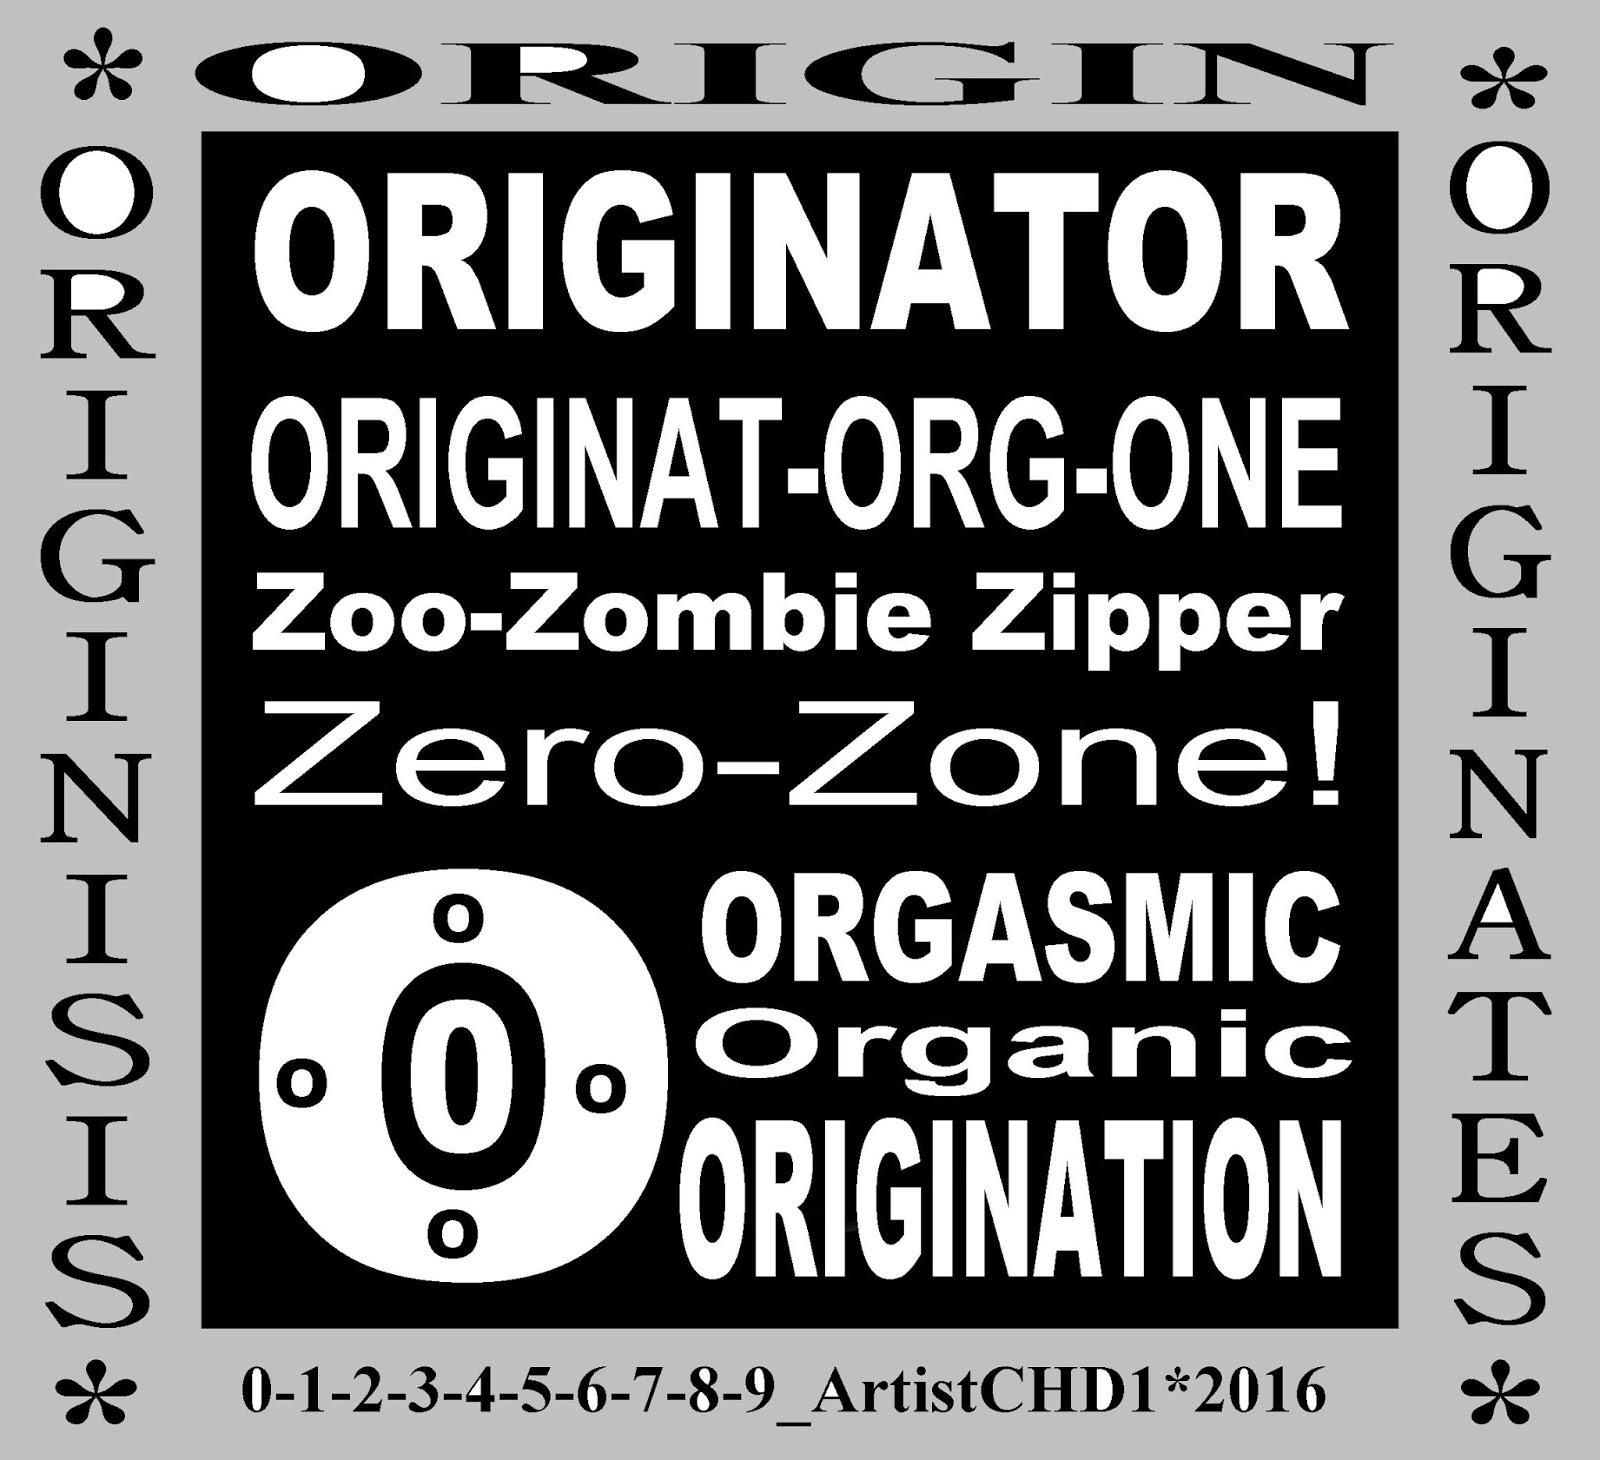 Fallout 3 Sexus pertaining to originator = omnipresent orgasmic originat-org-one